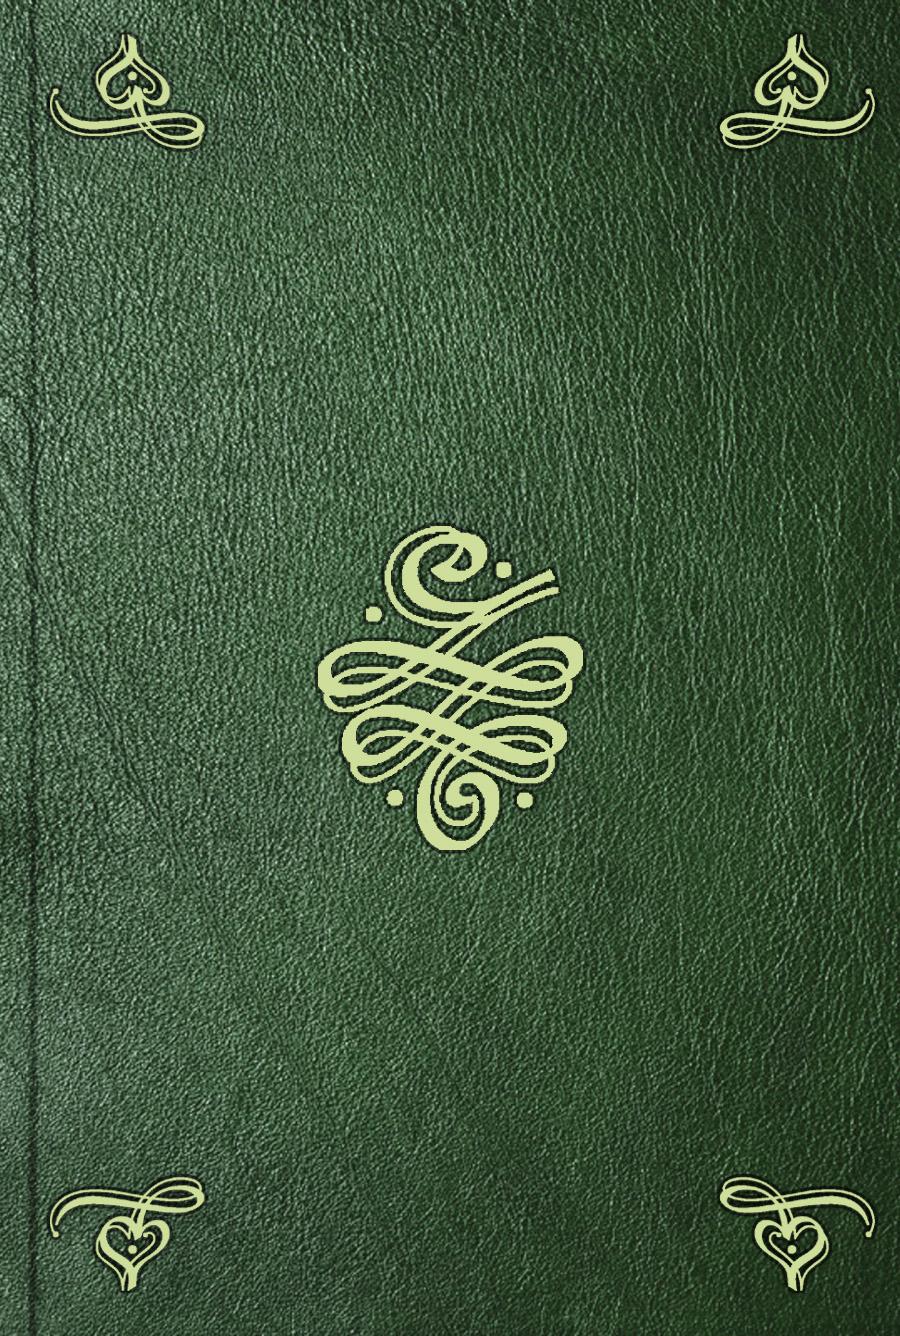 Jacques Necker Collection complette de tous les ouvrages. T. 3 tous